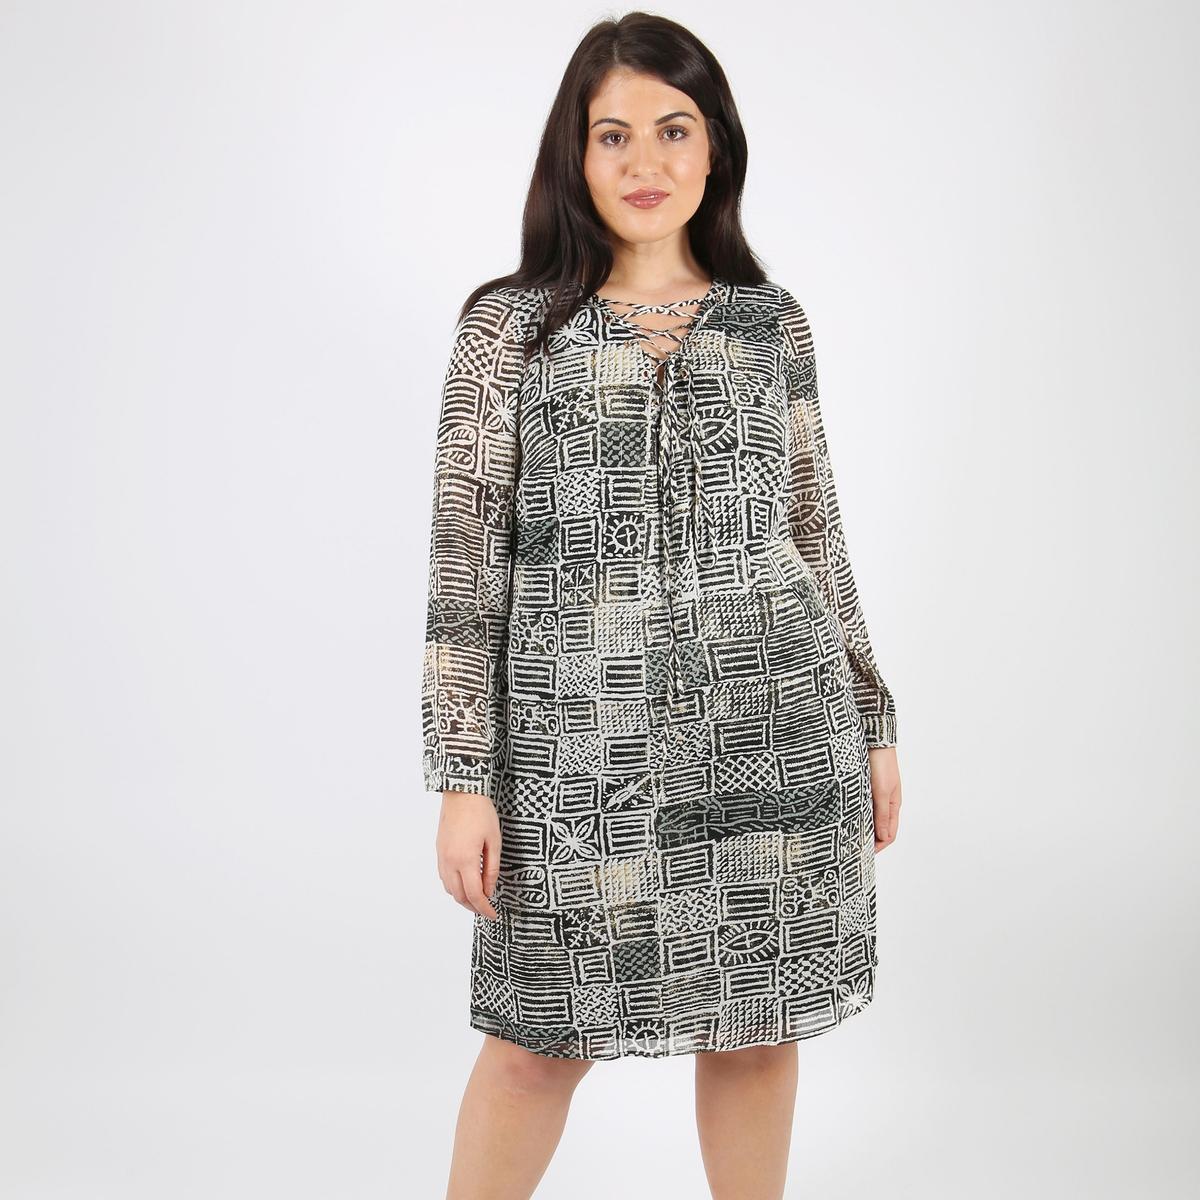 Платье расклешенное средней длиныДетали •  Форма : расклешенная •  Длина до колен •  Длинные рукава    •   V-образный вырез •  Рисунок-принтСостав и уход •  100% полиэстер •  Следуйте рекомендациям по уходу, указанным на этикетке изделияТовар из коллекции больших размеров<br><br>Цвет: набивной рисунок<br>Размер: 46 (FR) - 52 (RUS).54/56 (FR) - 60/62 (RUS)